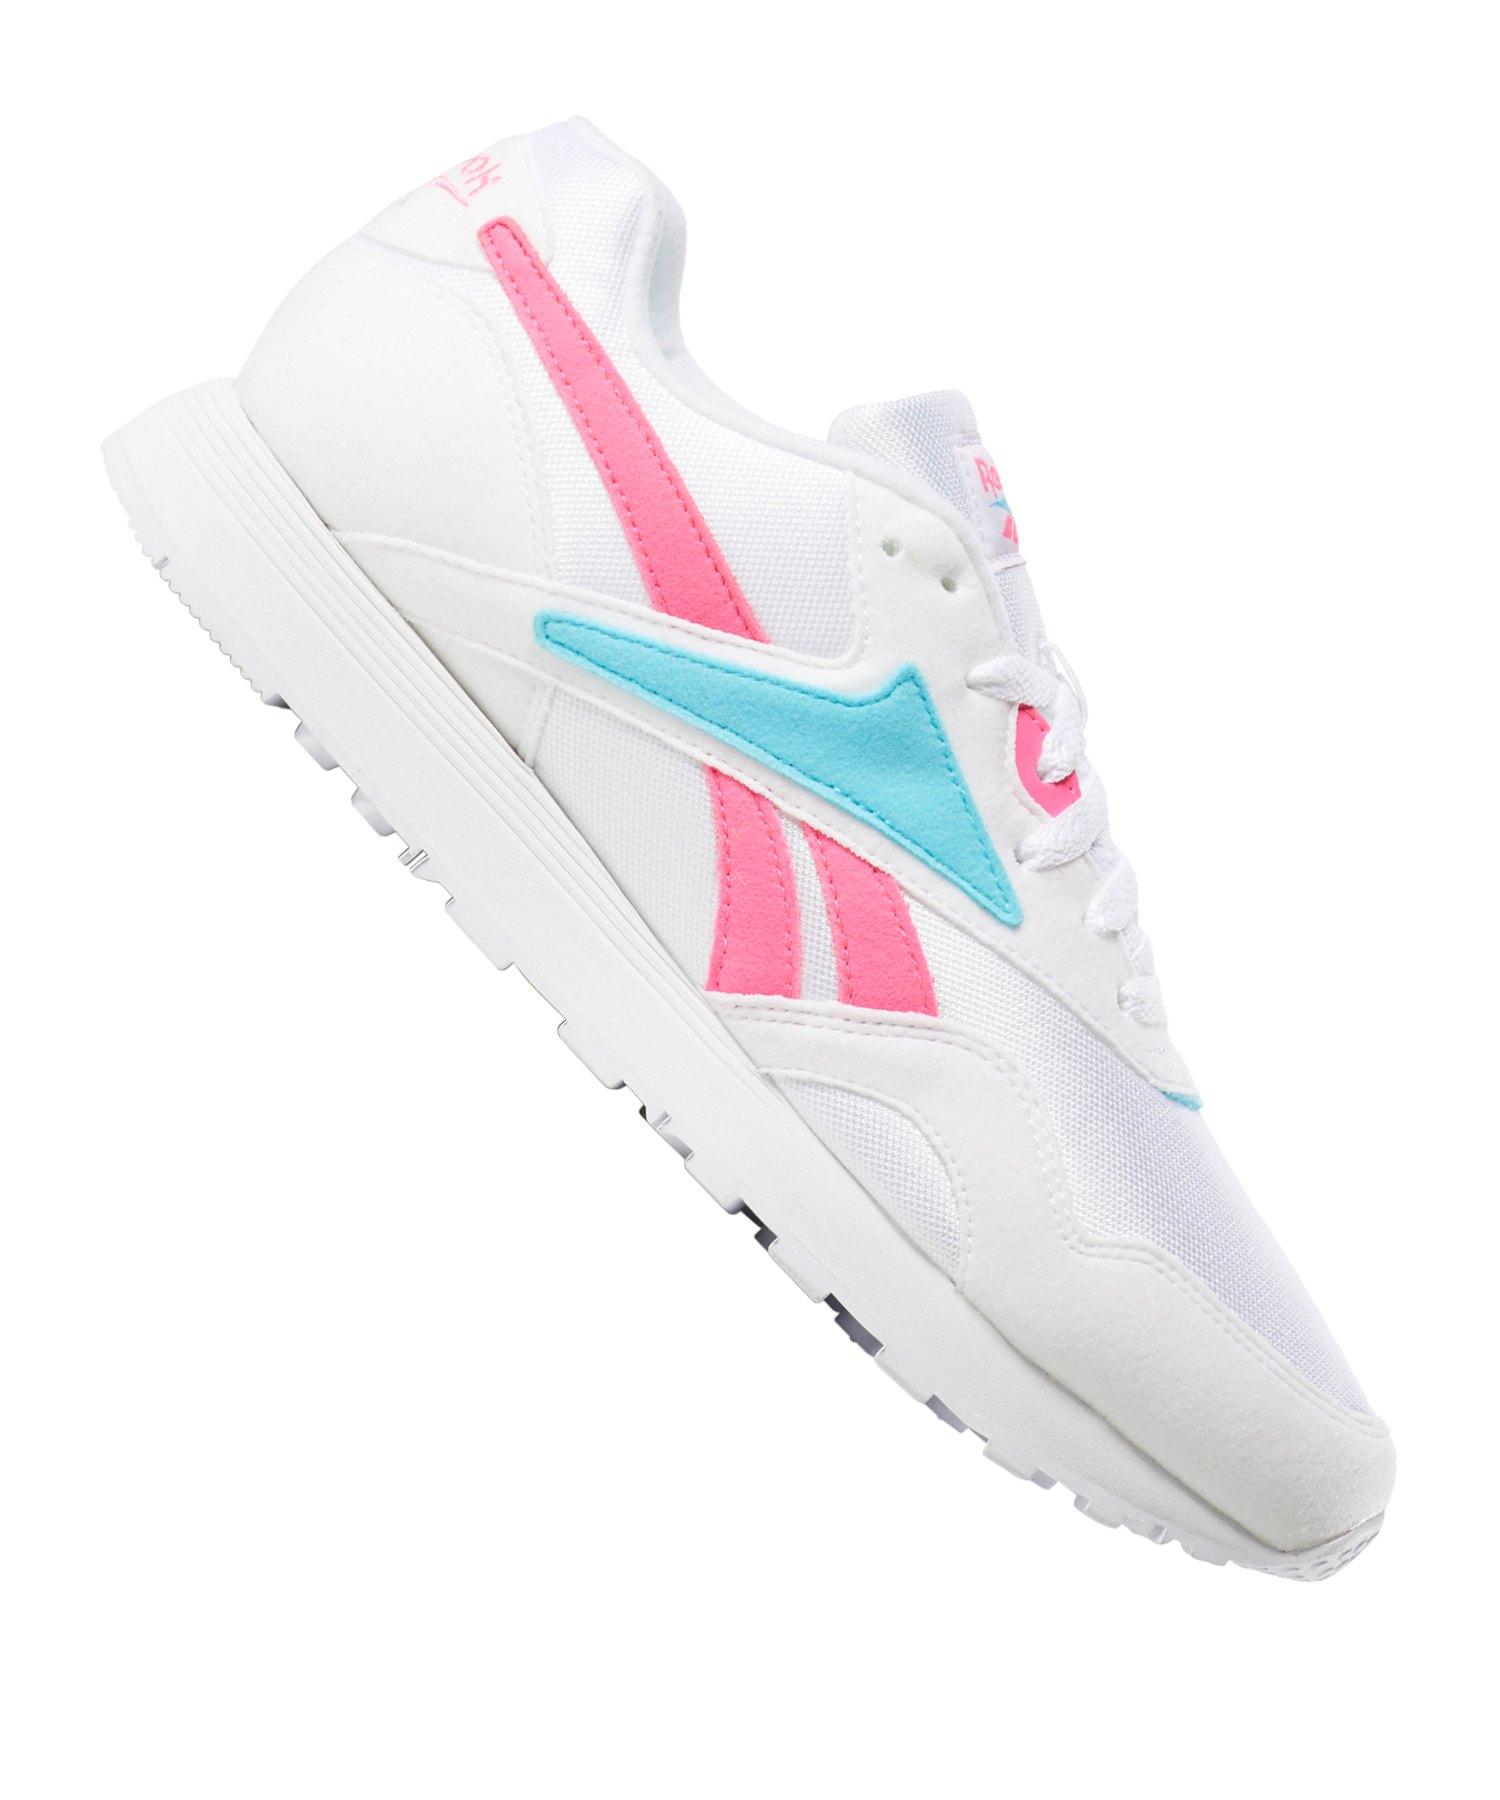 Reebok Rapide MU Sneaker Damen Weiss Pink